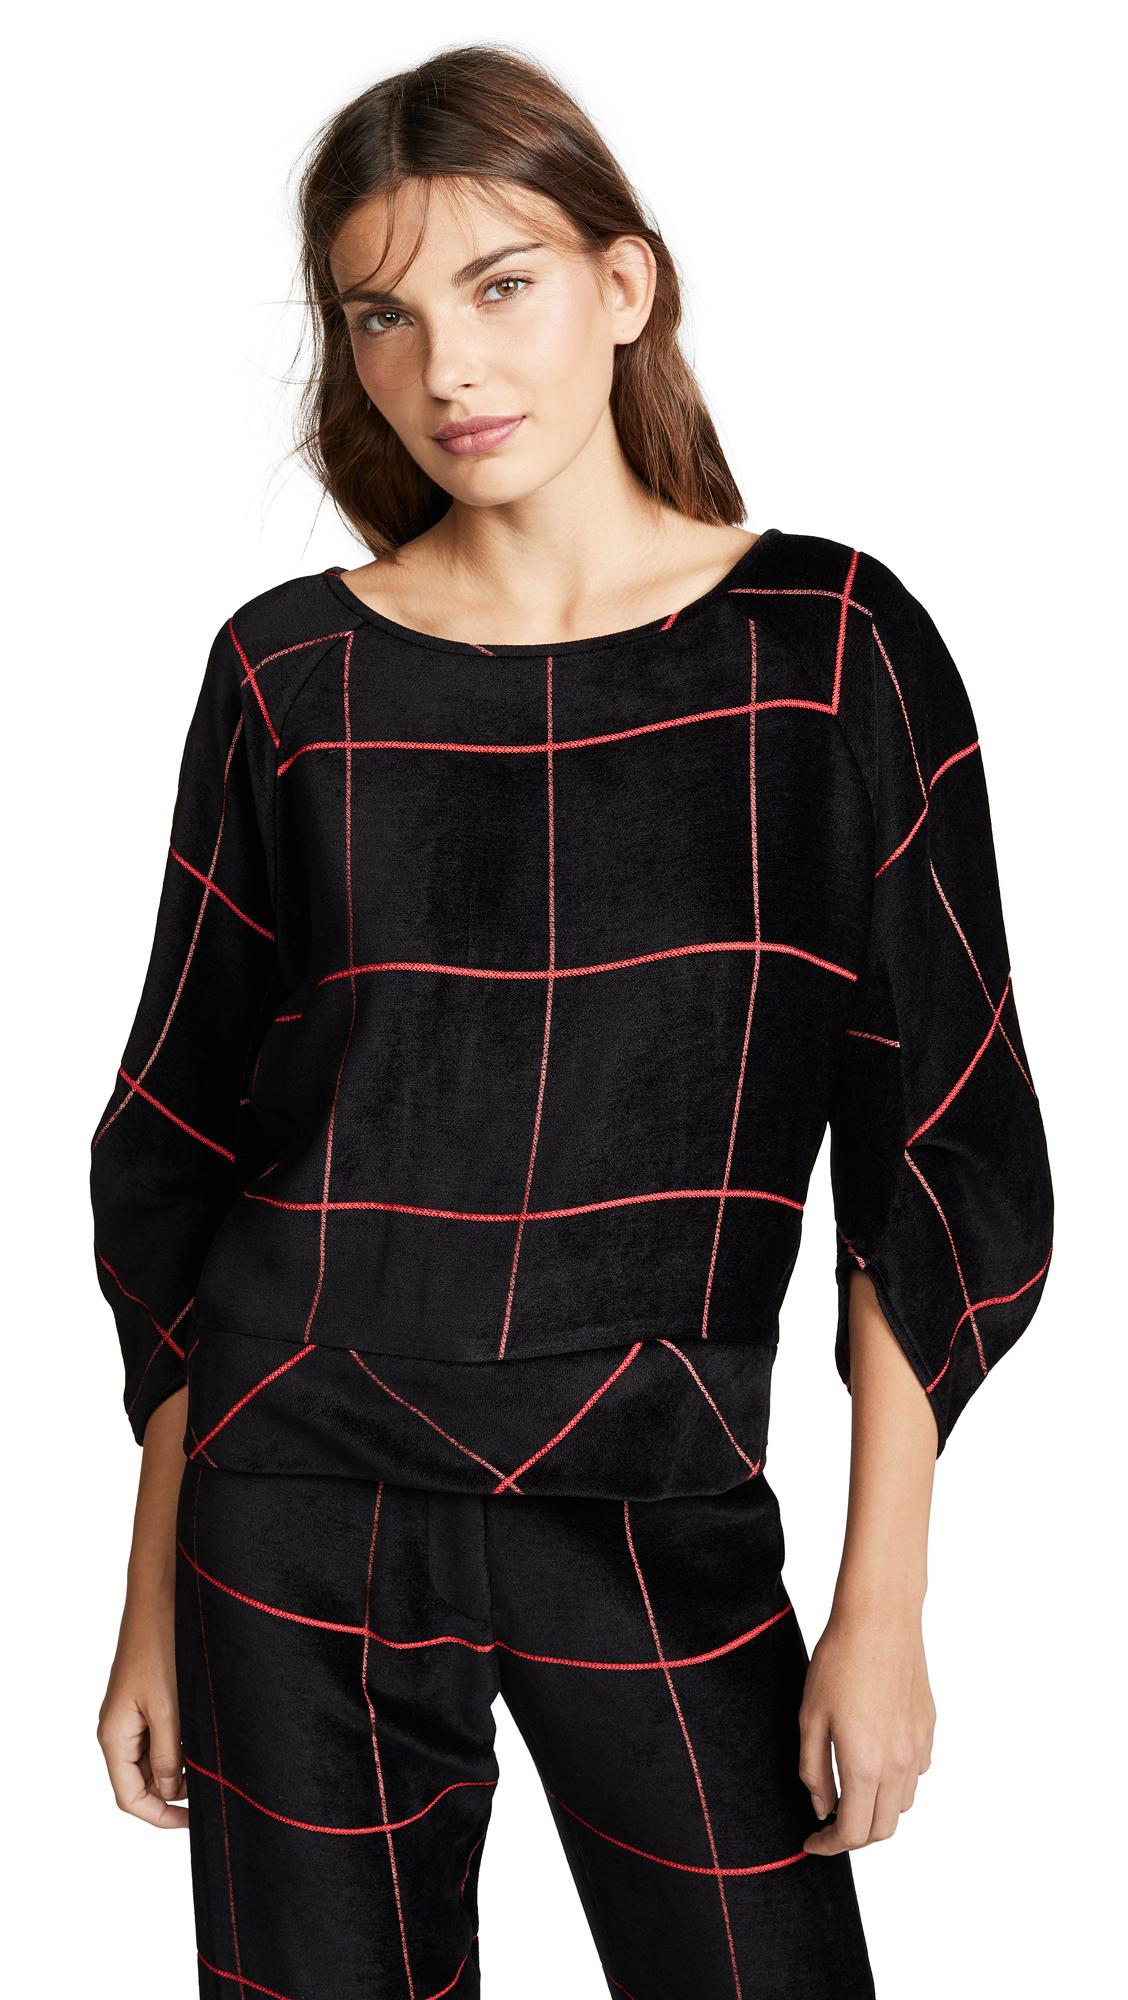 Zero + Maria Cornejo Bea Sweatshirt In Black/Rouge